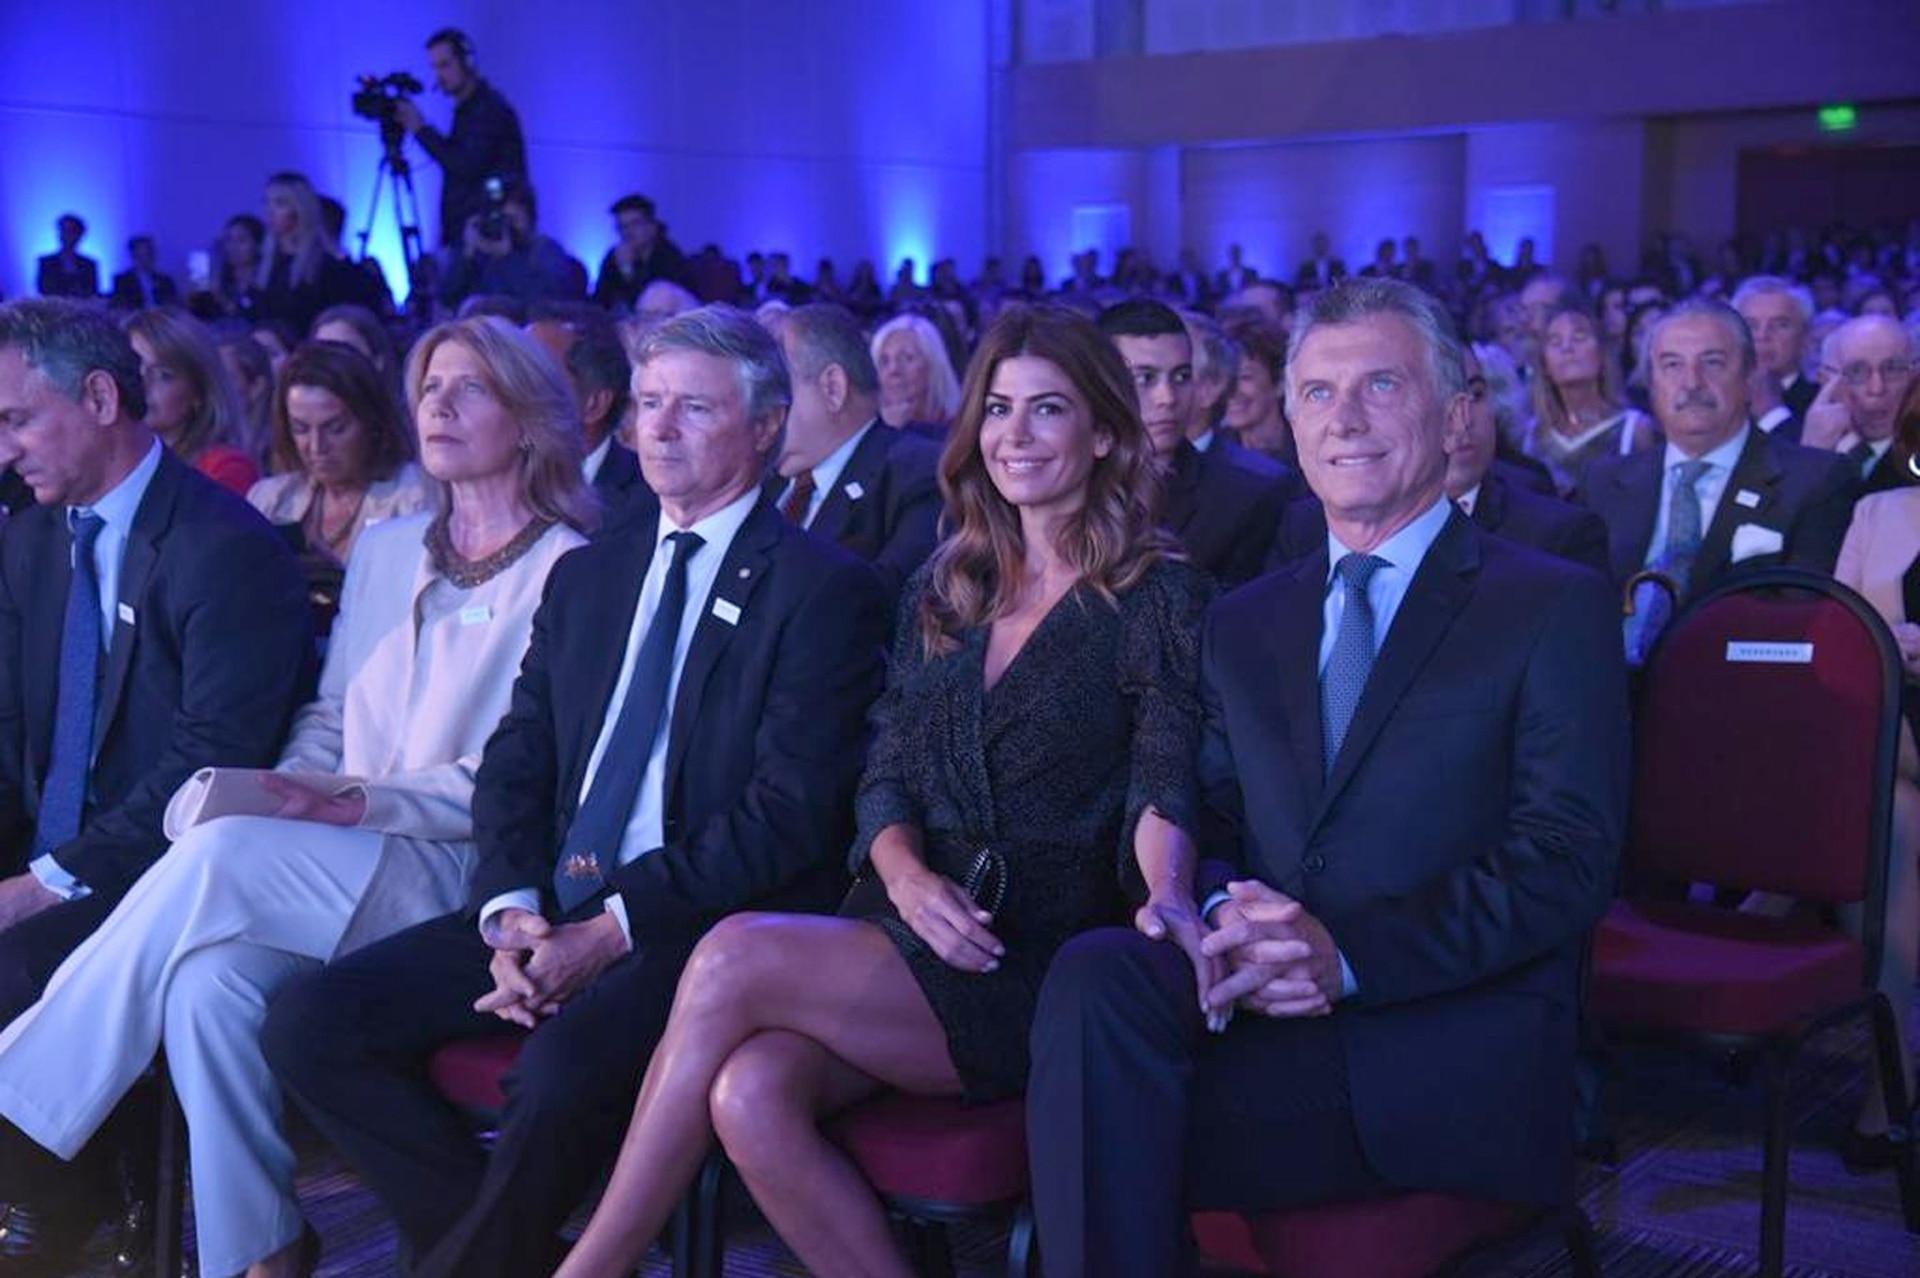 El presidente, Mauricio Macri, y la primera dama, Juliana Awada. A su lado, Julio Saguier, presidente de S.A. LA NACION